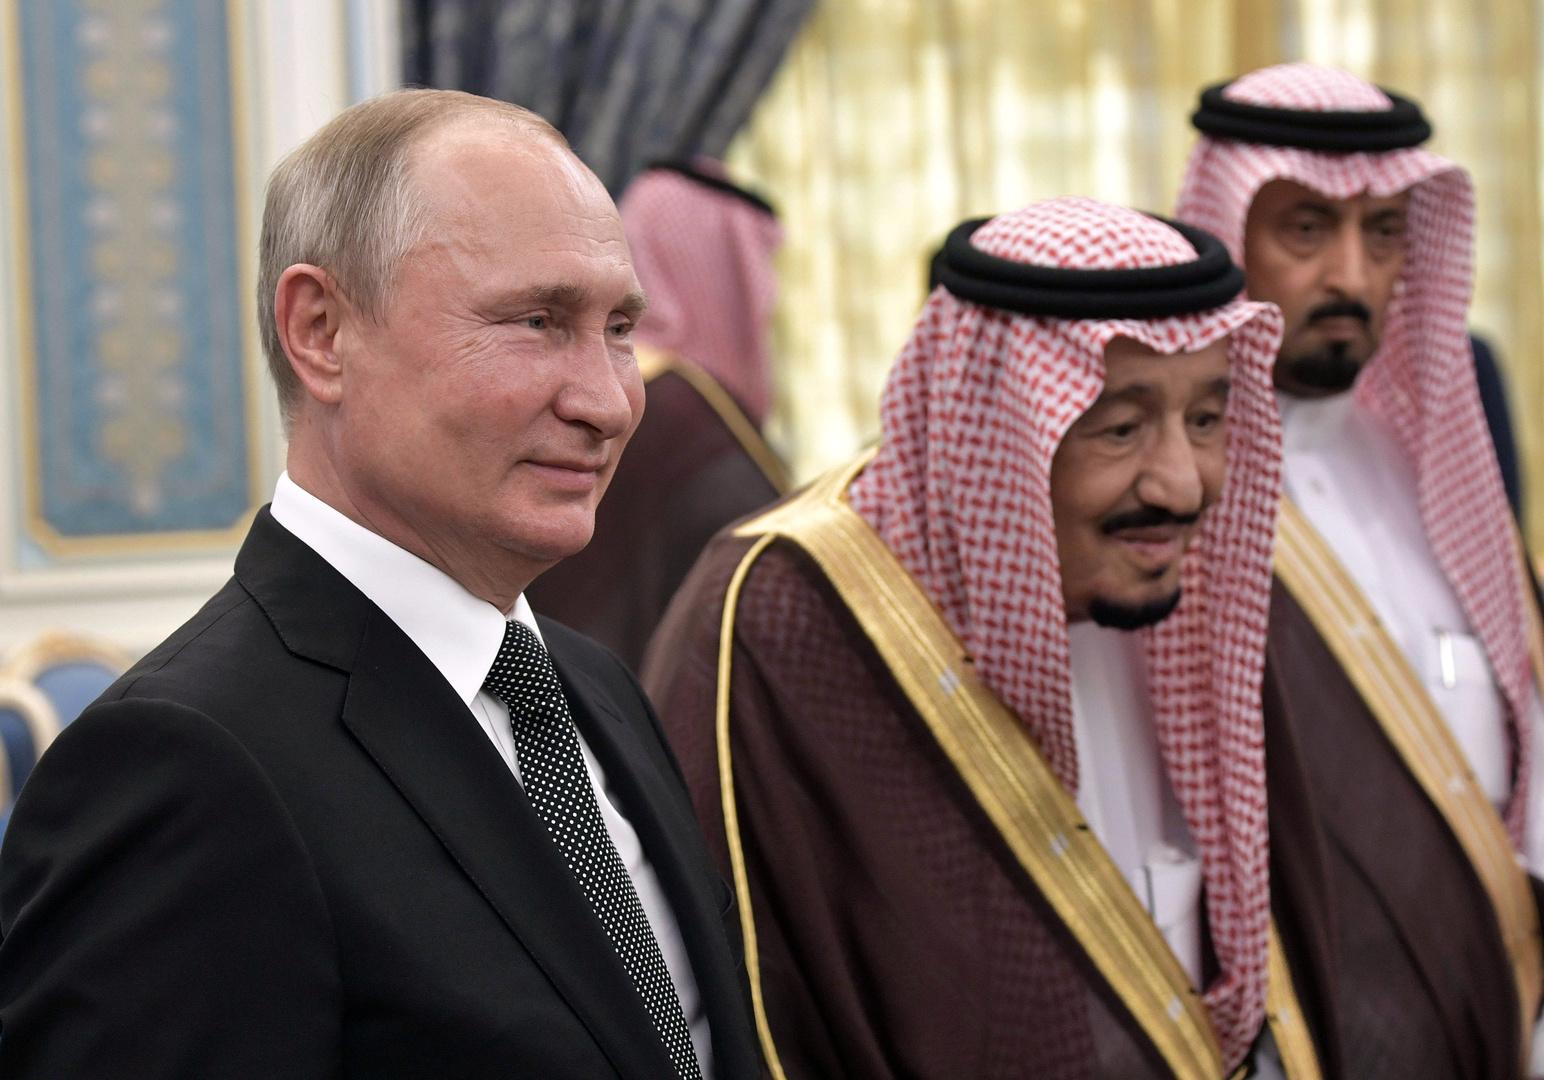 بوتين والملك سلمان يرحبان في اتصال هاتفي بكيفية تنفيذ اتفاق